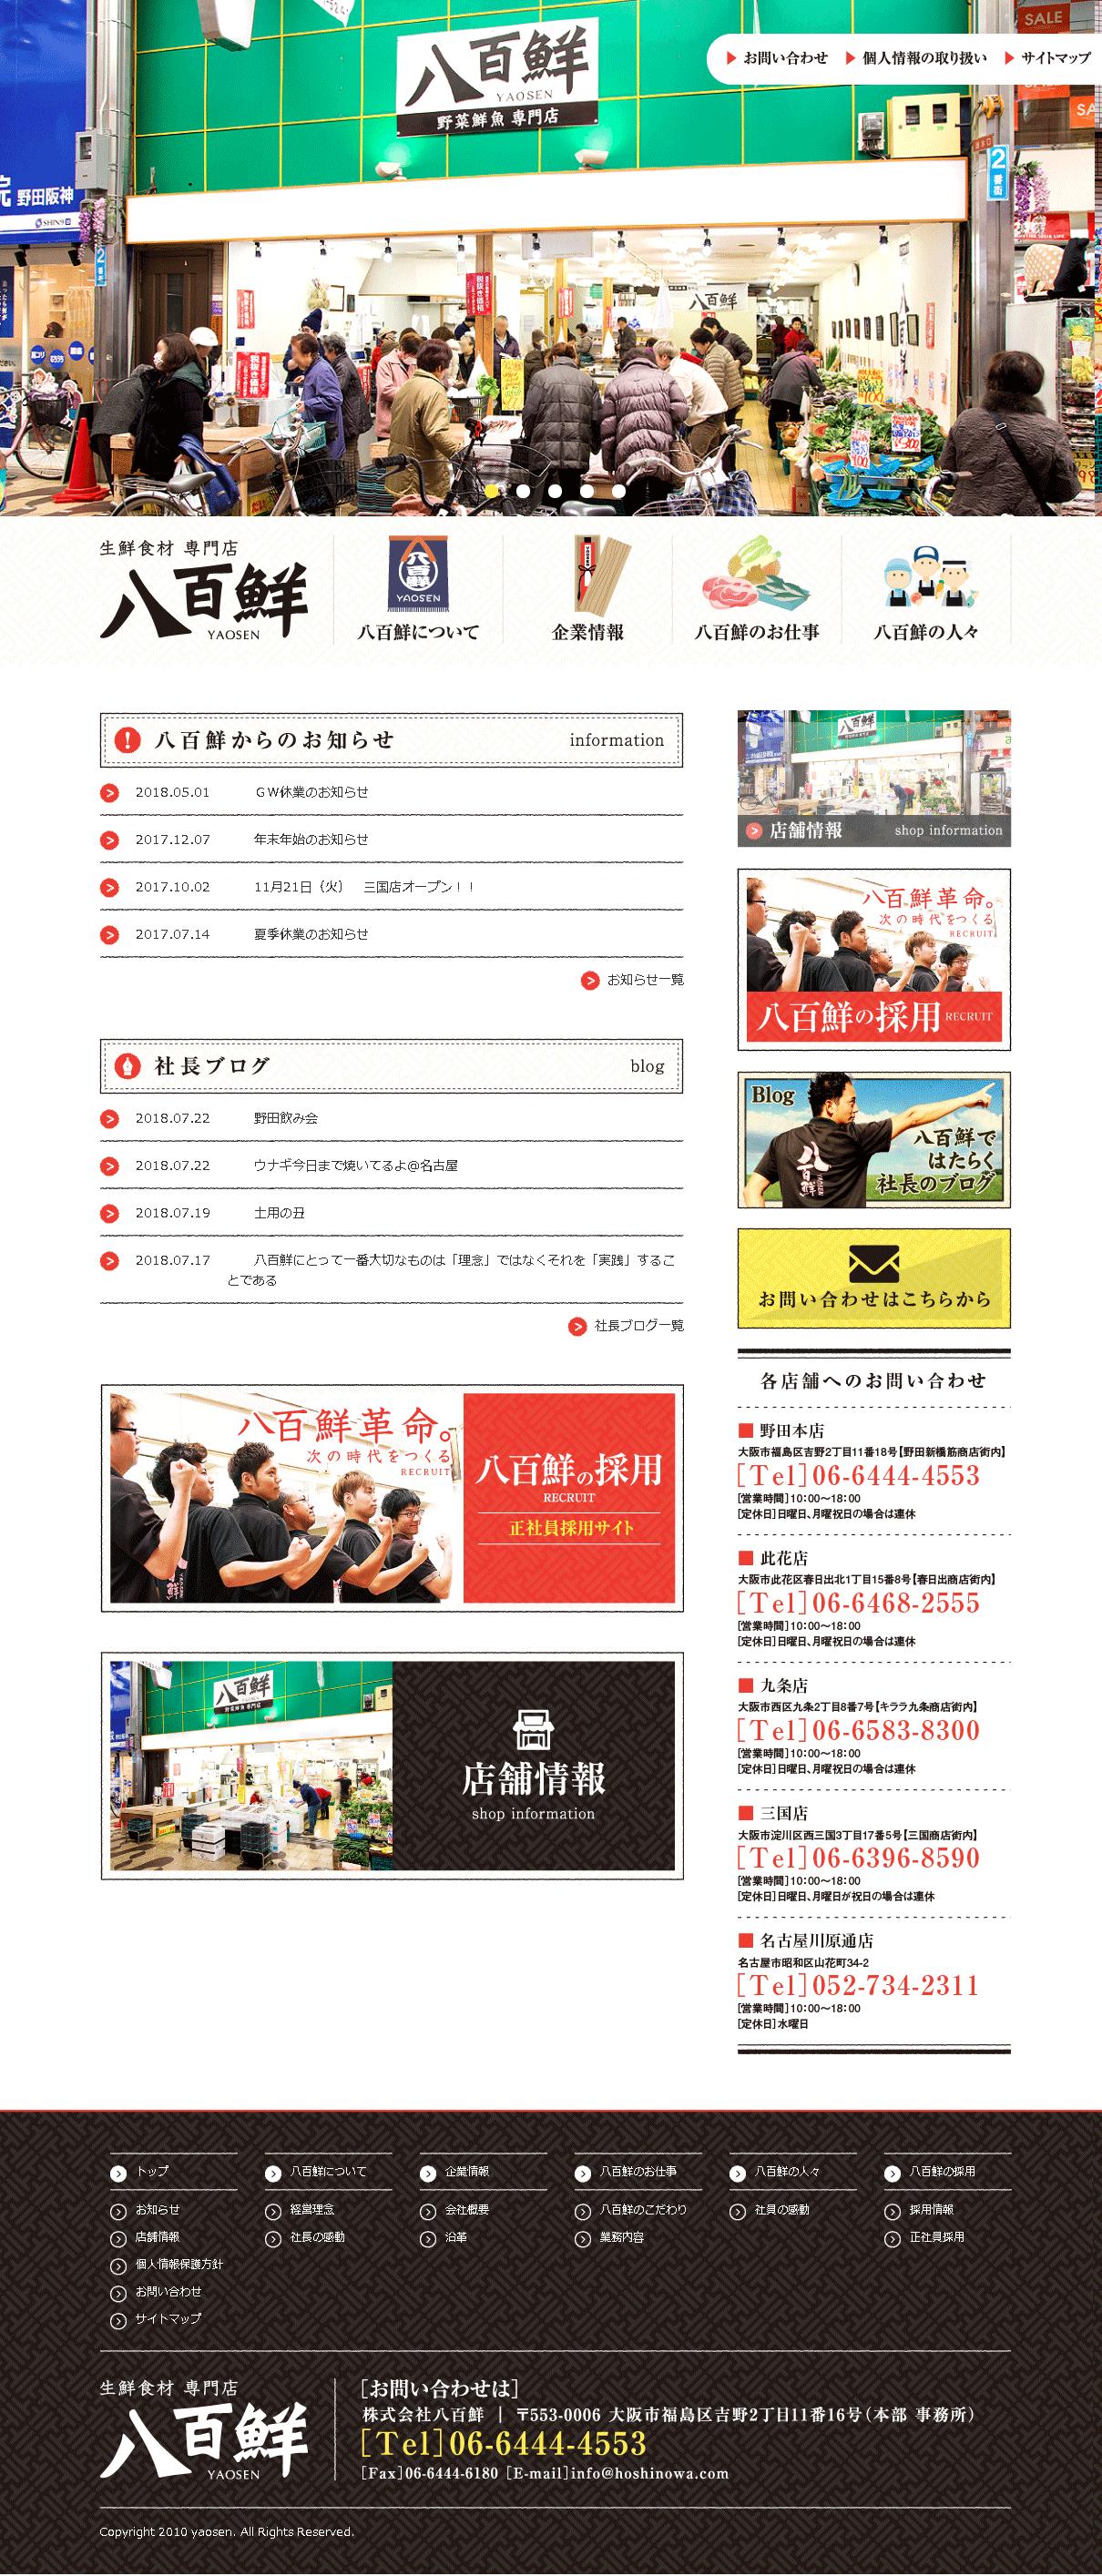 スタジオピリカの制作した株式会社八百鮮様のサイト